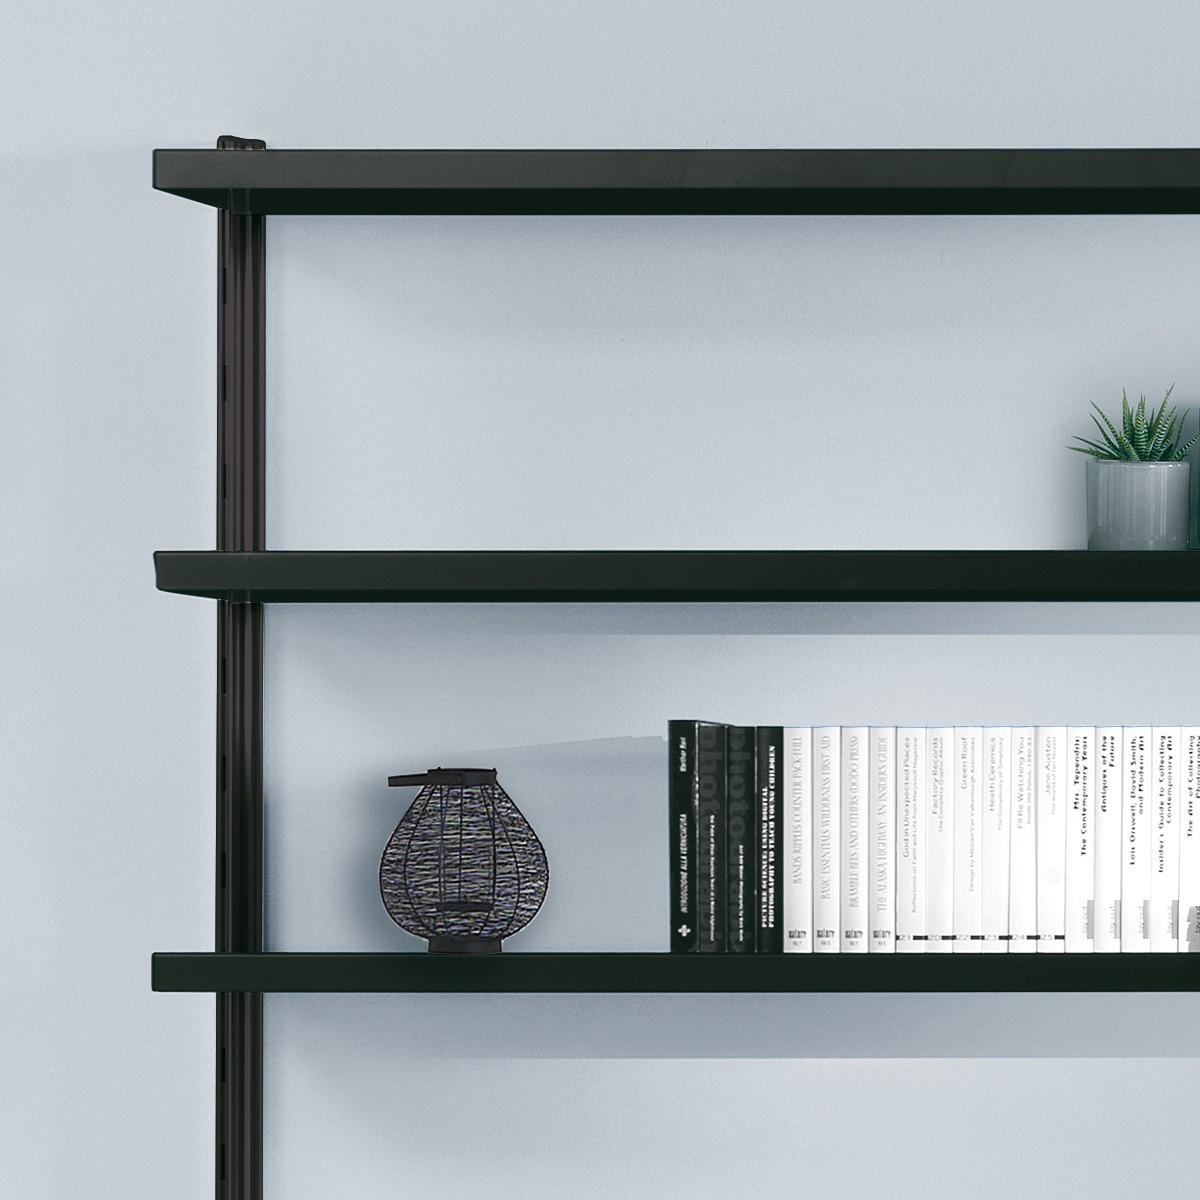 Scaffale in metallo viggo da parete per soggiorno 485 x 32 for Ikea scaffali metallo